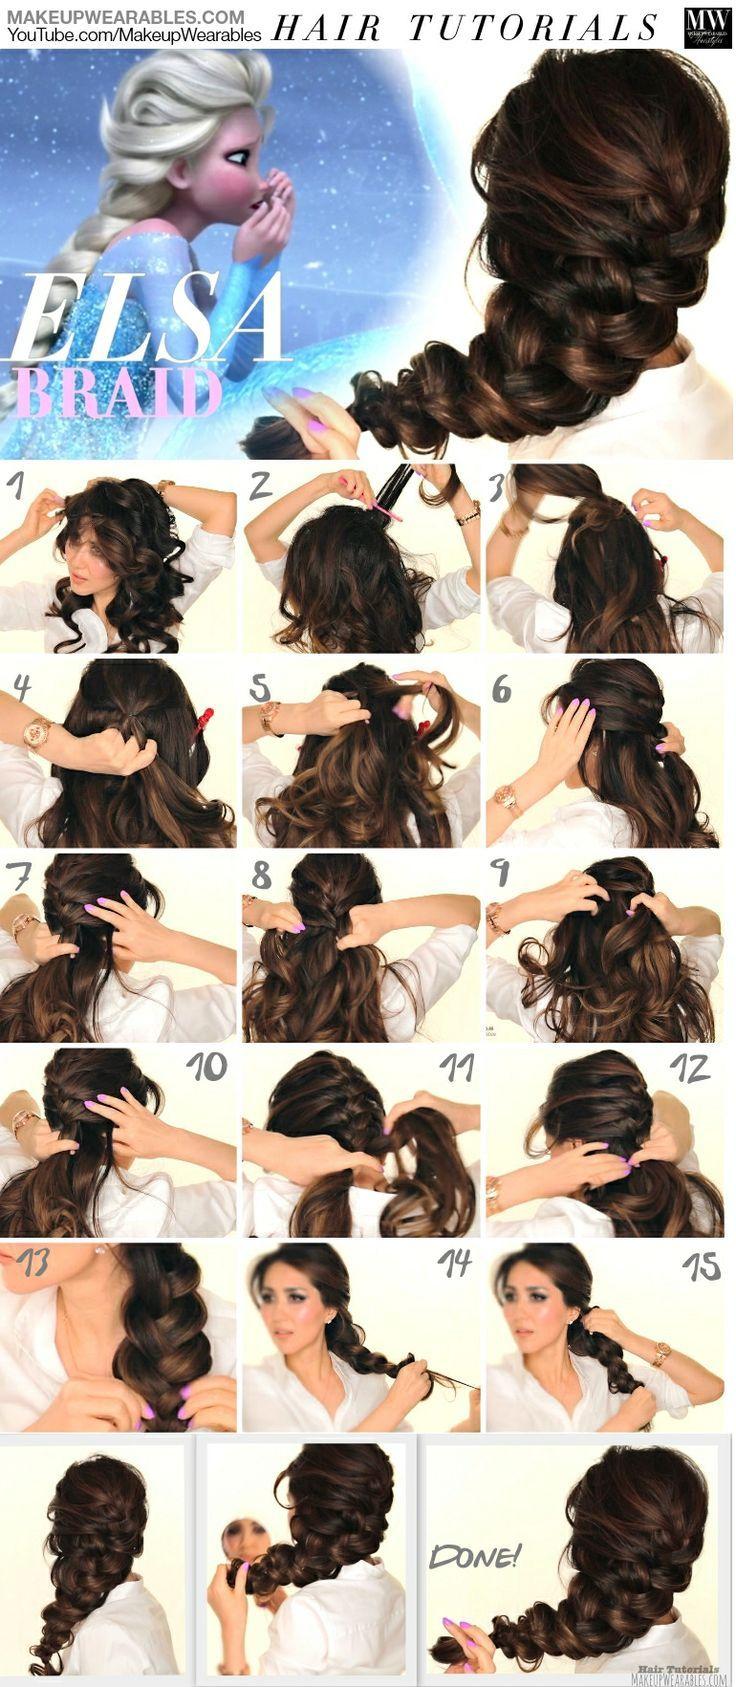 Как сделать причёску эльзы из 959